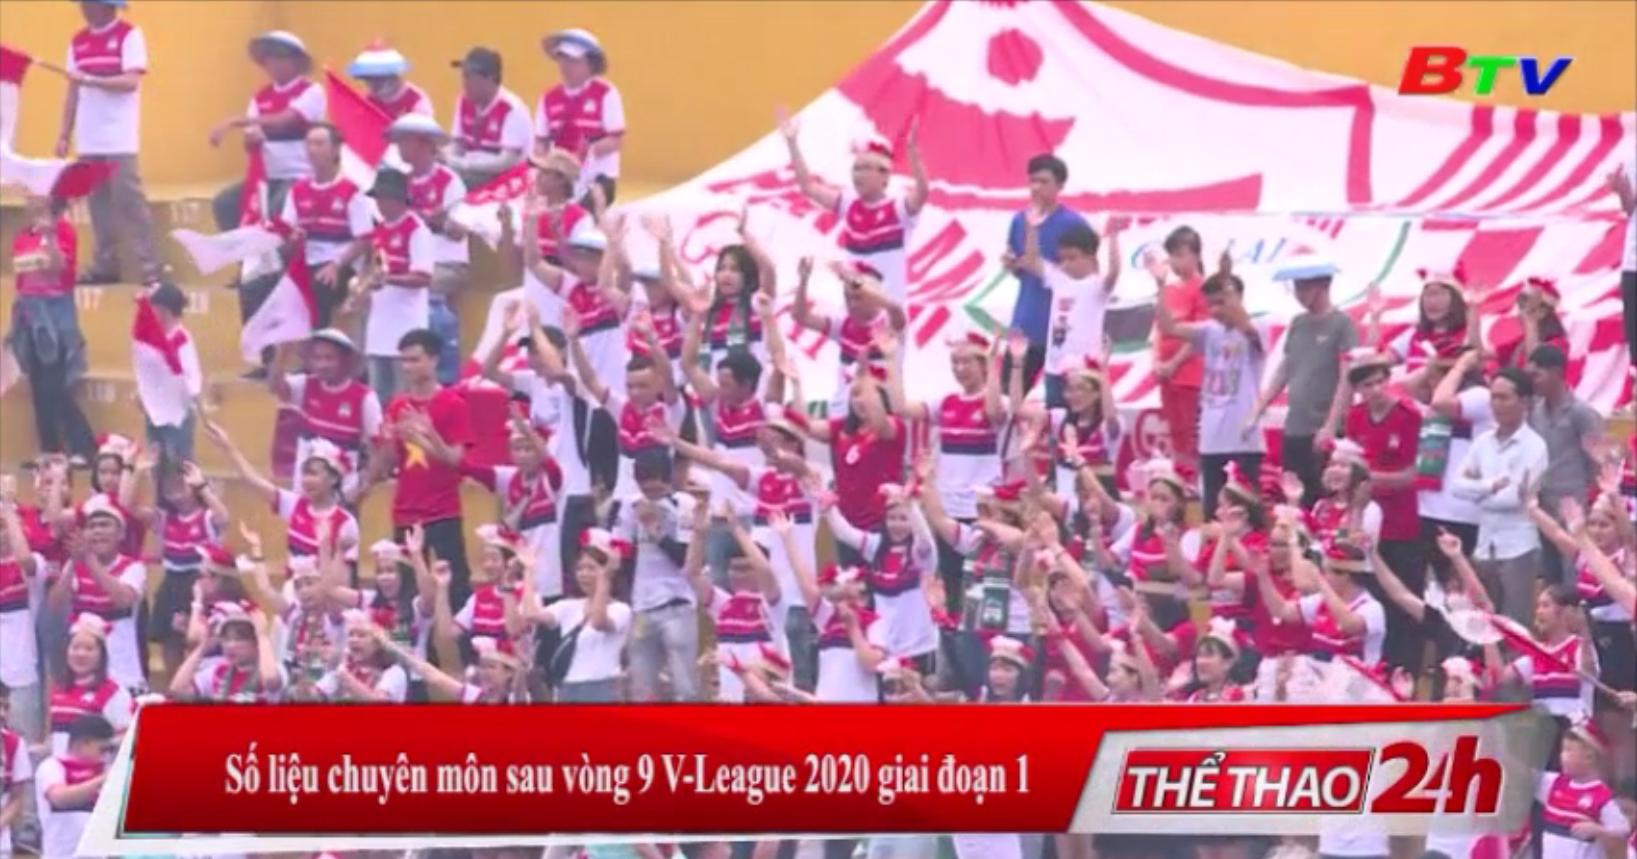 Số liệu chuyên môn sau vòng 9 V-League 2020 giai đoạn 1